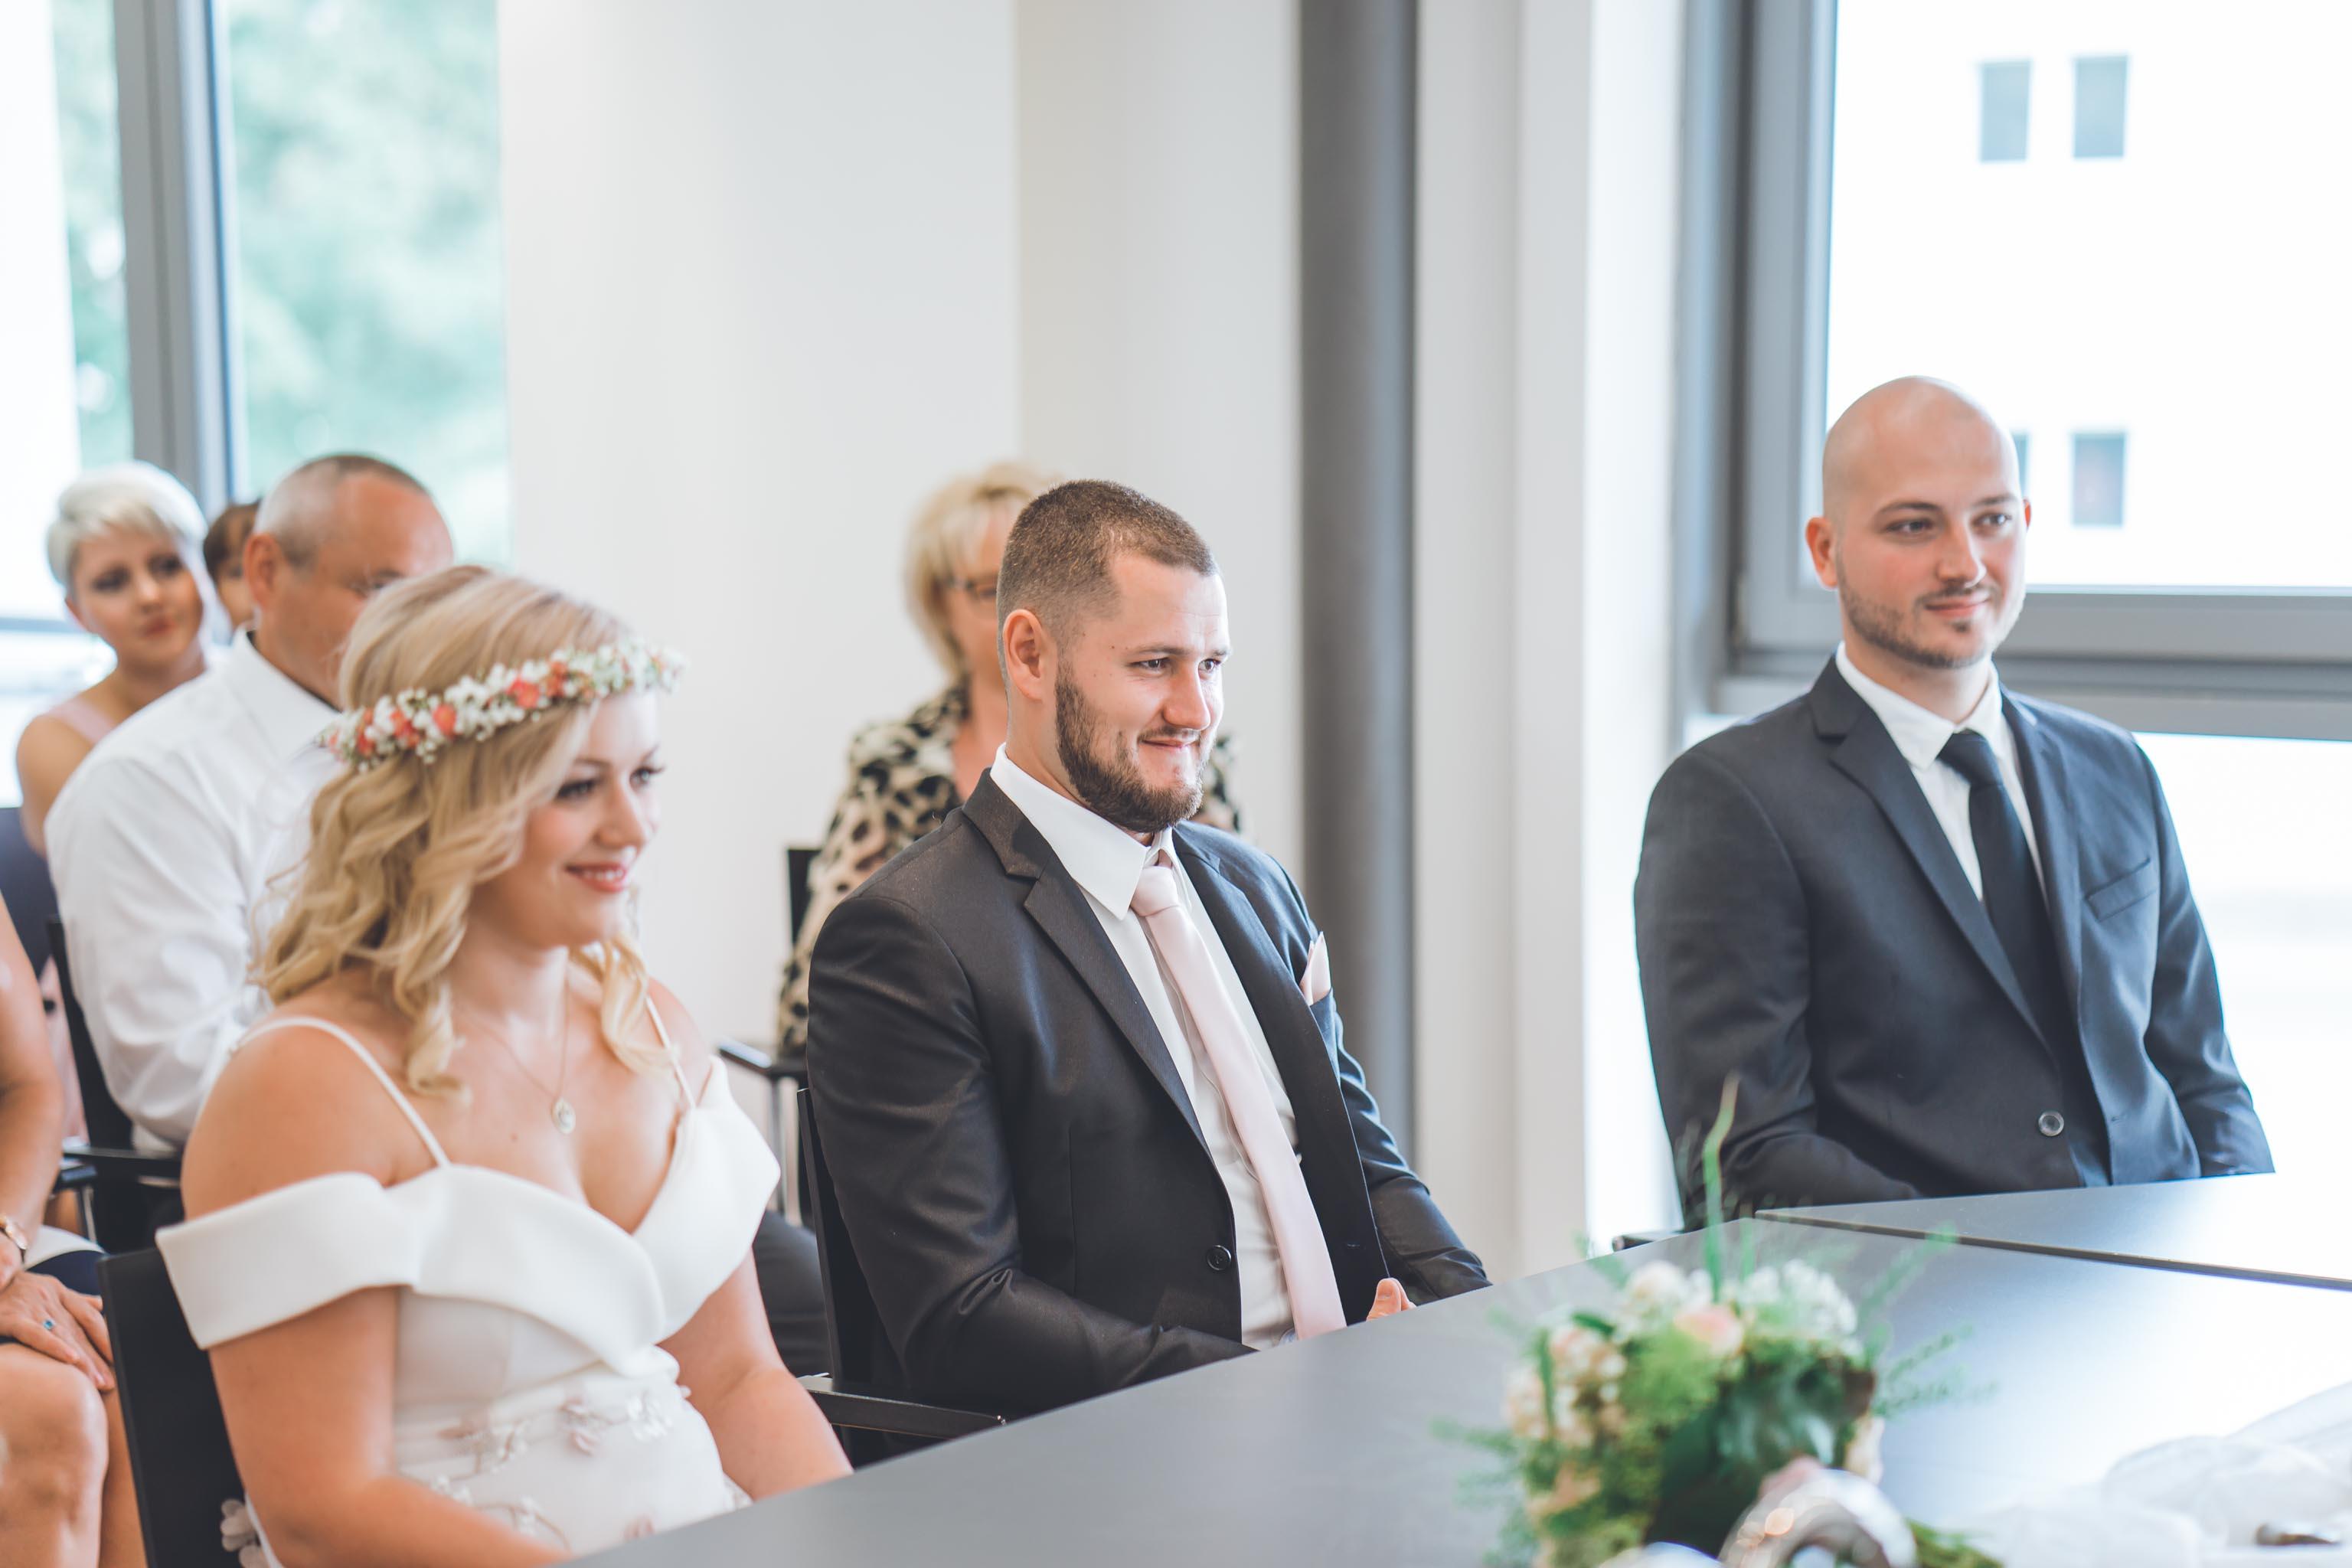 Hochzeitsfotograf Ulm-Hüttisheim-49